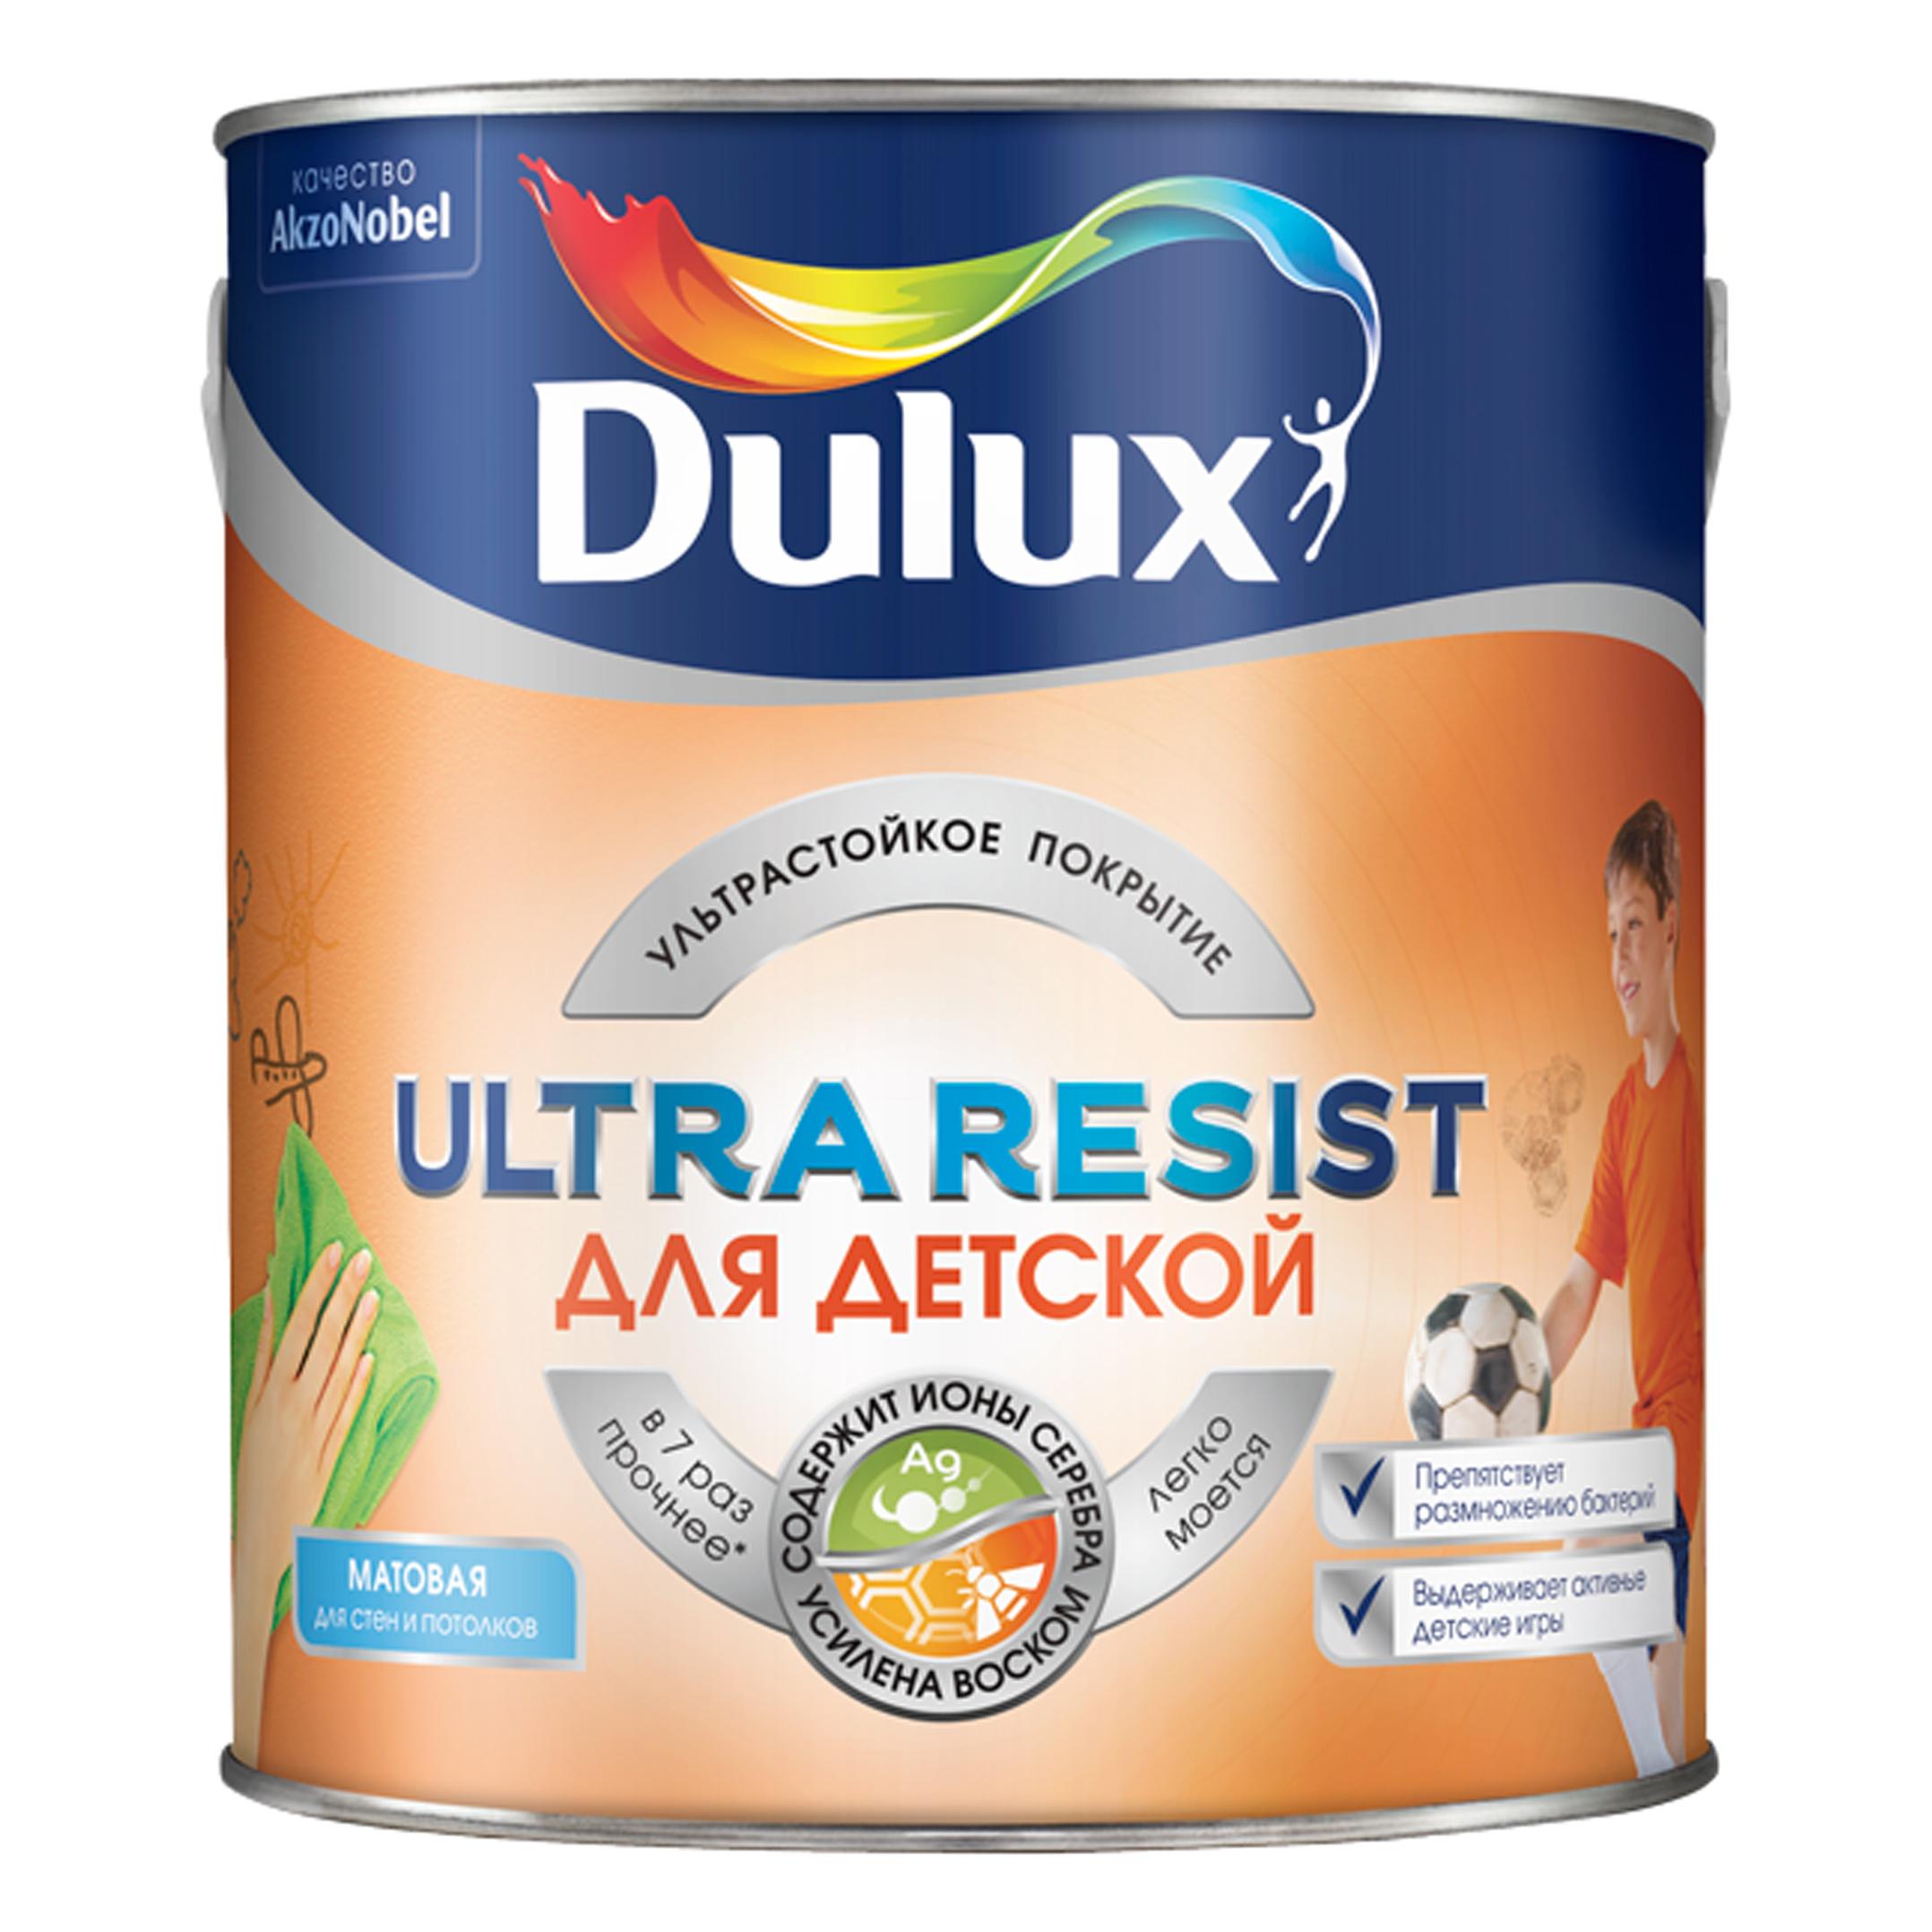 Краска Dulux Ultra Resist для Детской матовая база BW краска dulux ultra resist гостиные и офисы матовая bc